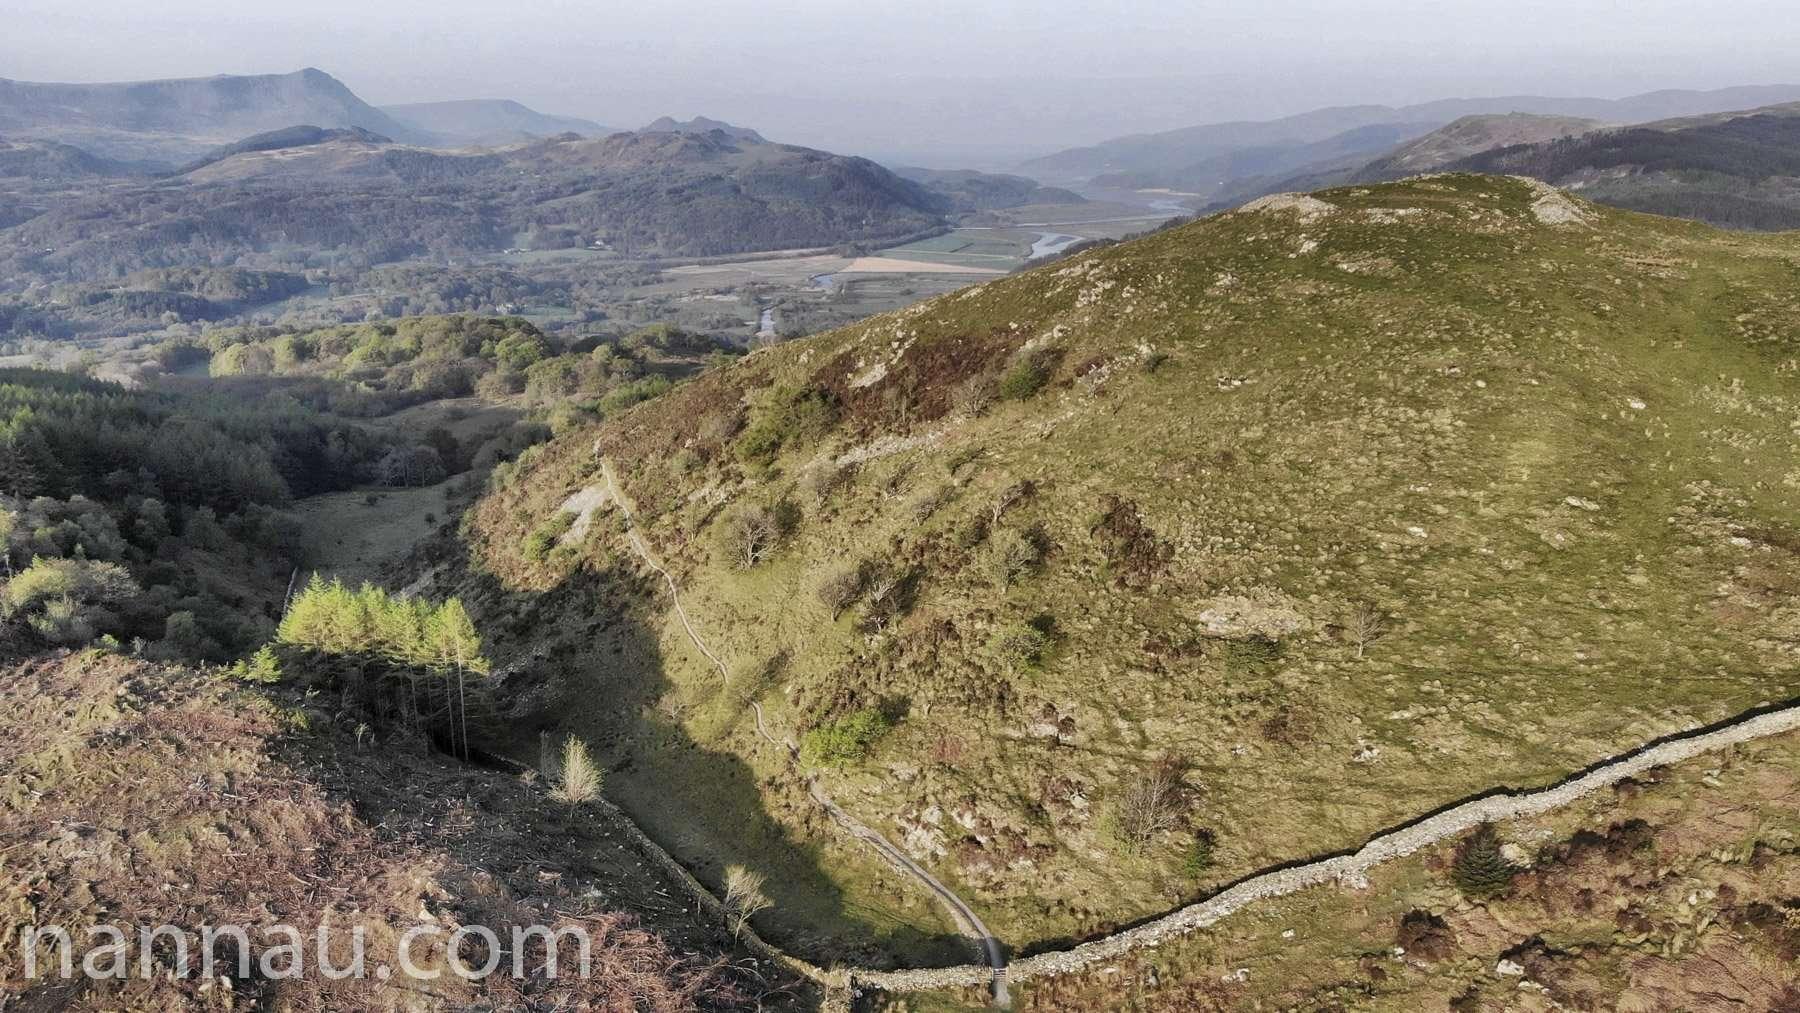 Foel Faner and Precipice Walk (Drone)